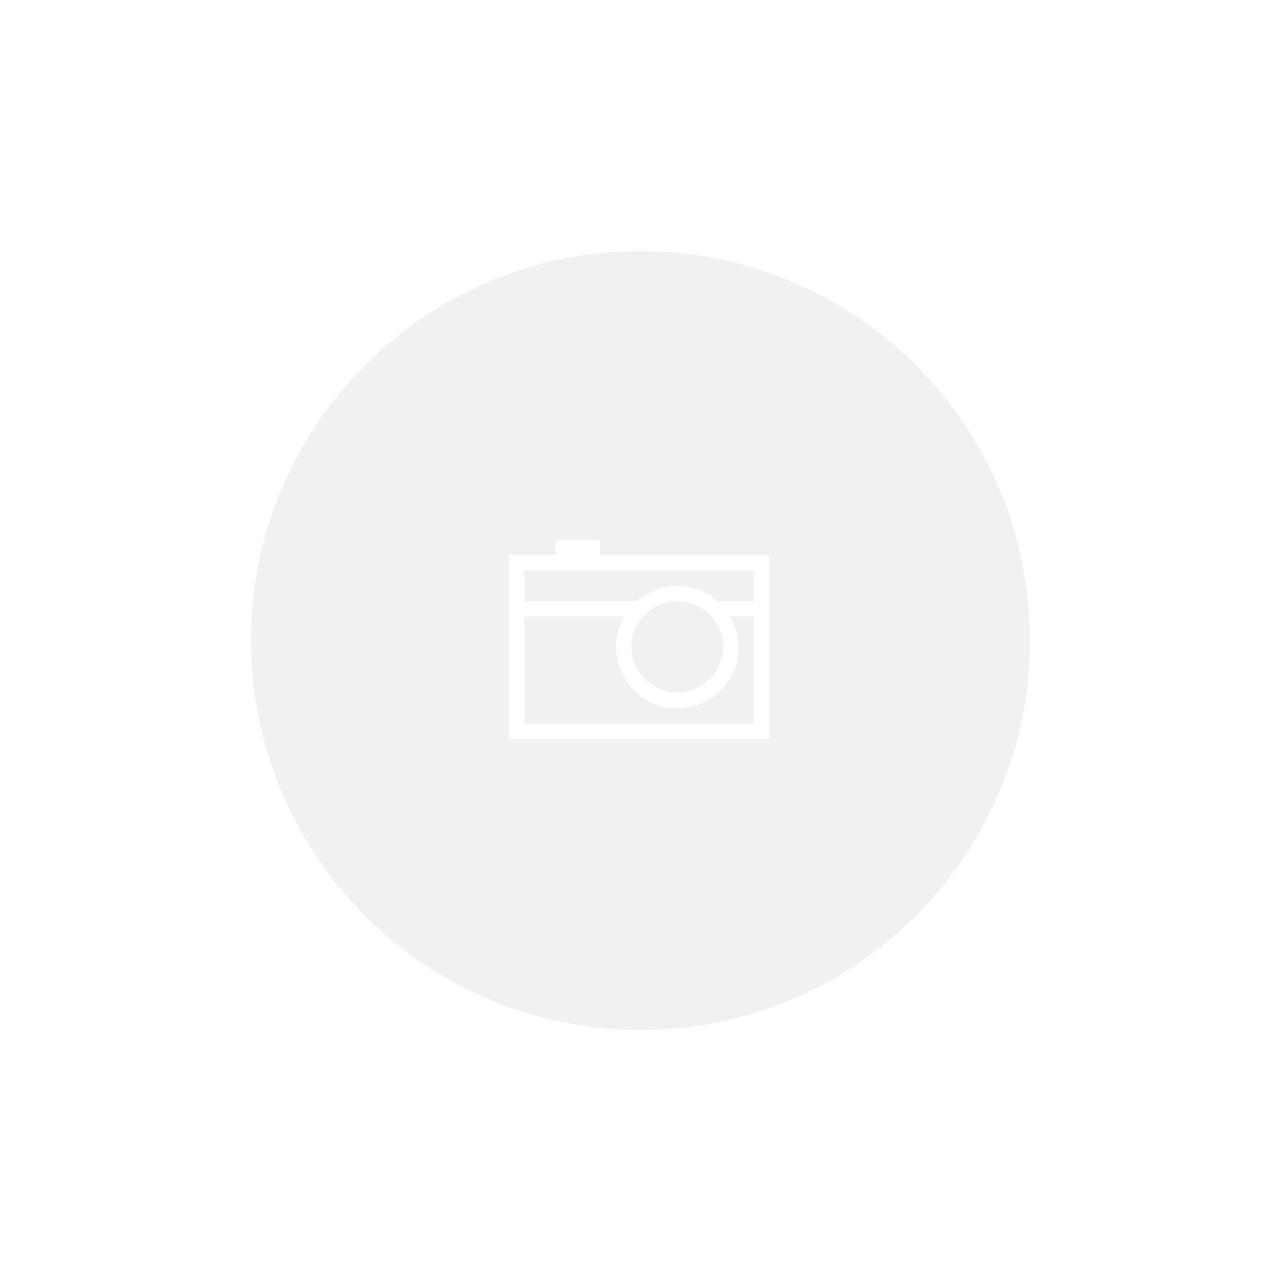 Relé de Estado Sólido 40A - SSR-4840